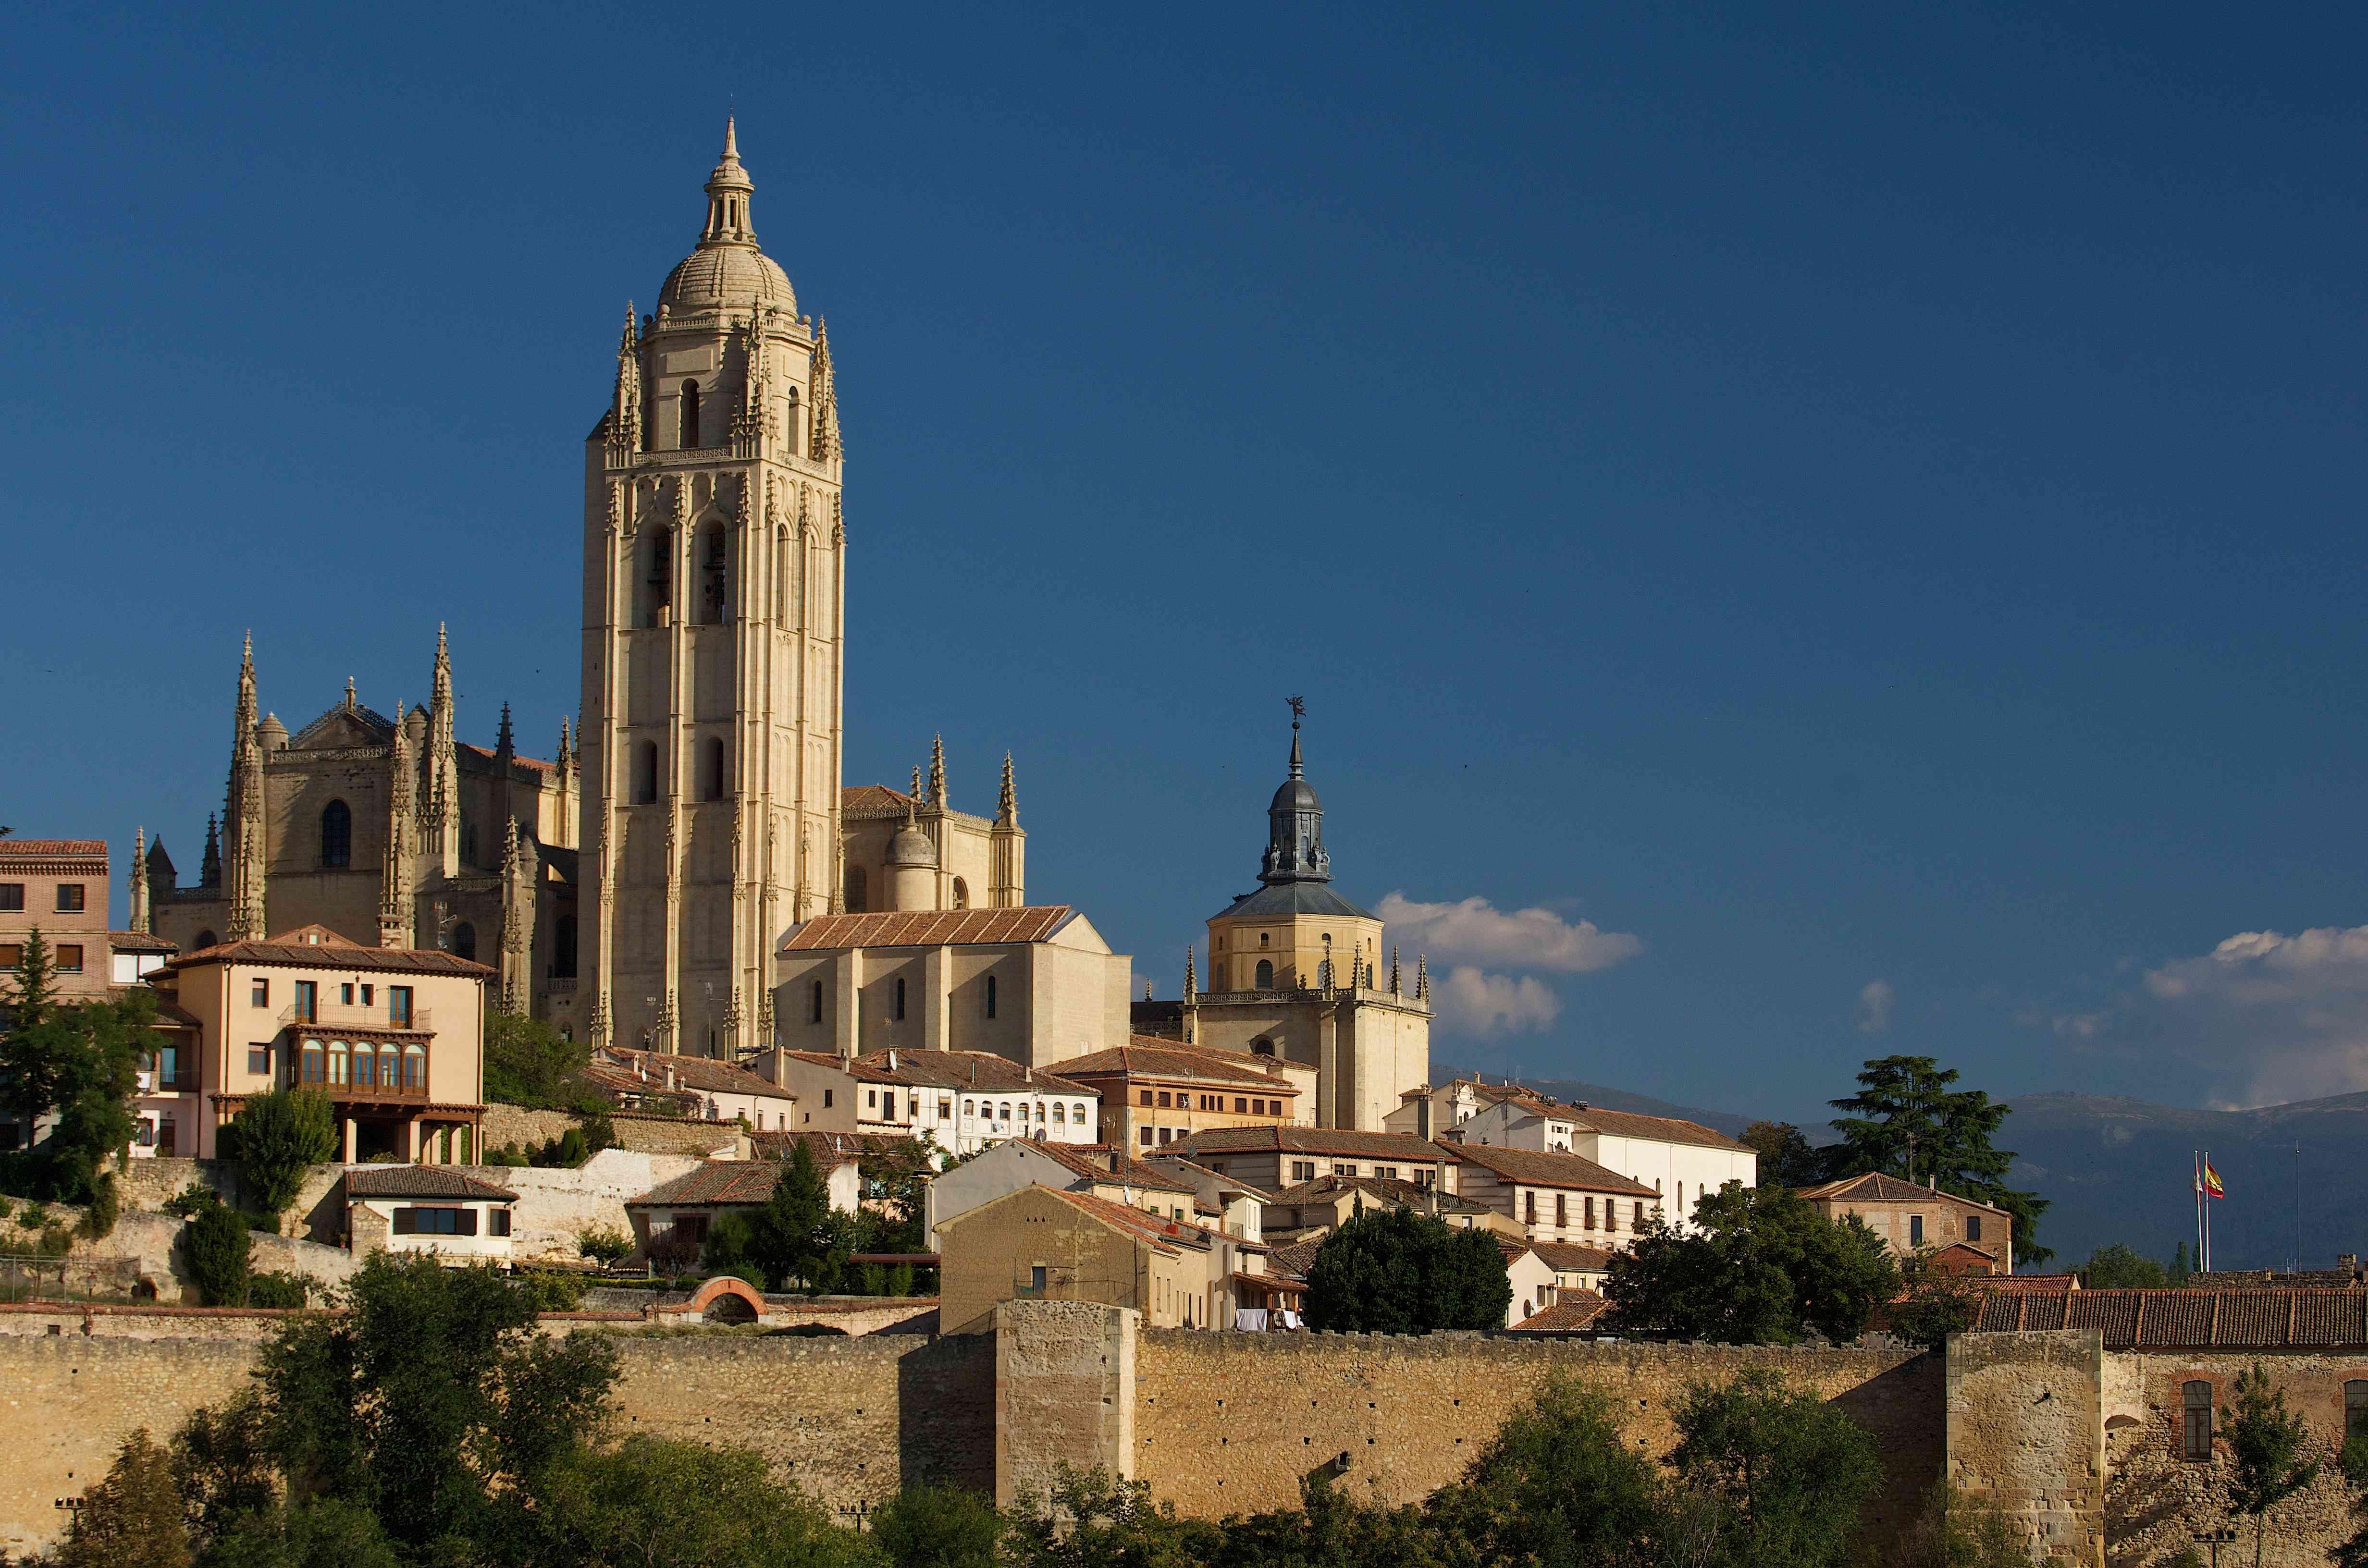 Spain, Castilla & Leon, Segovia, Catedral de Segovia